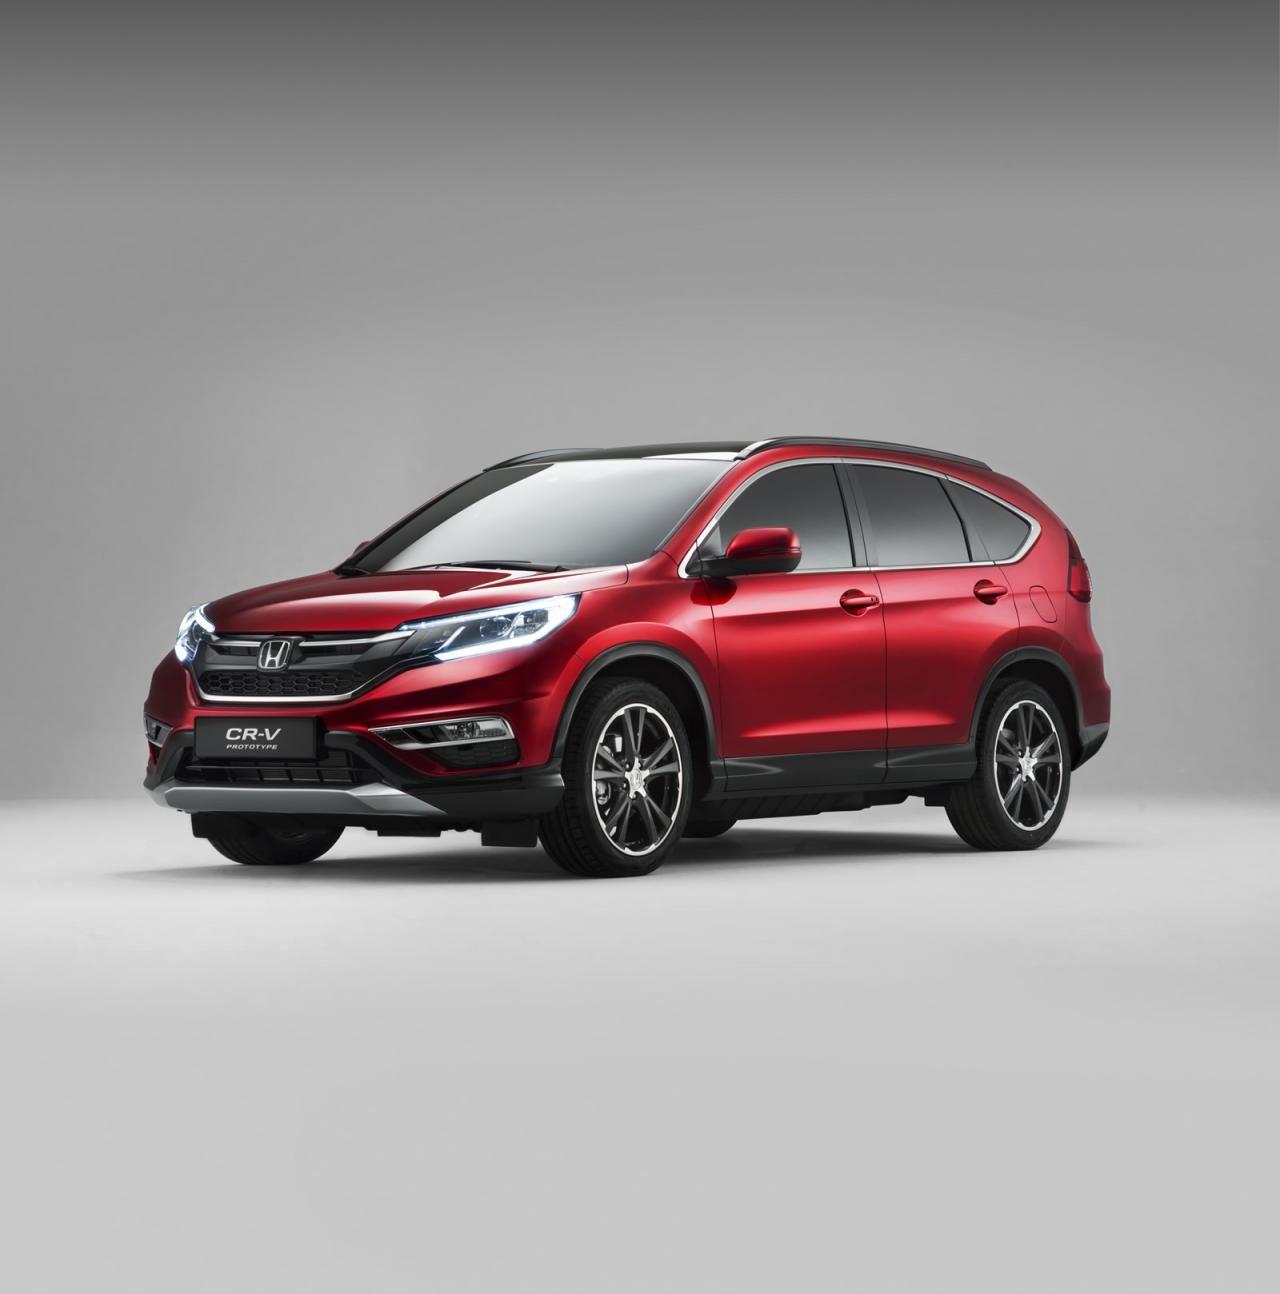 2015 Honda CR-V in European specification